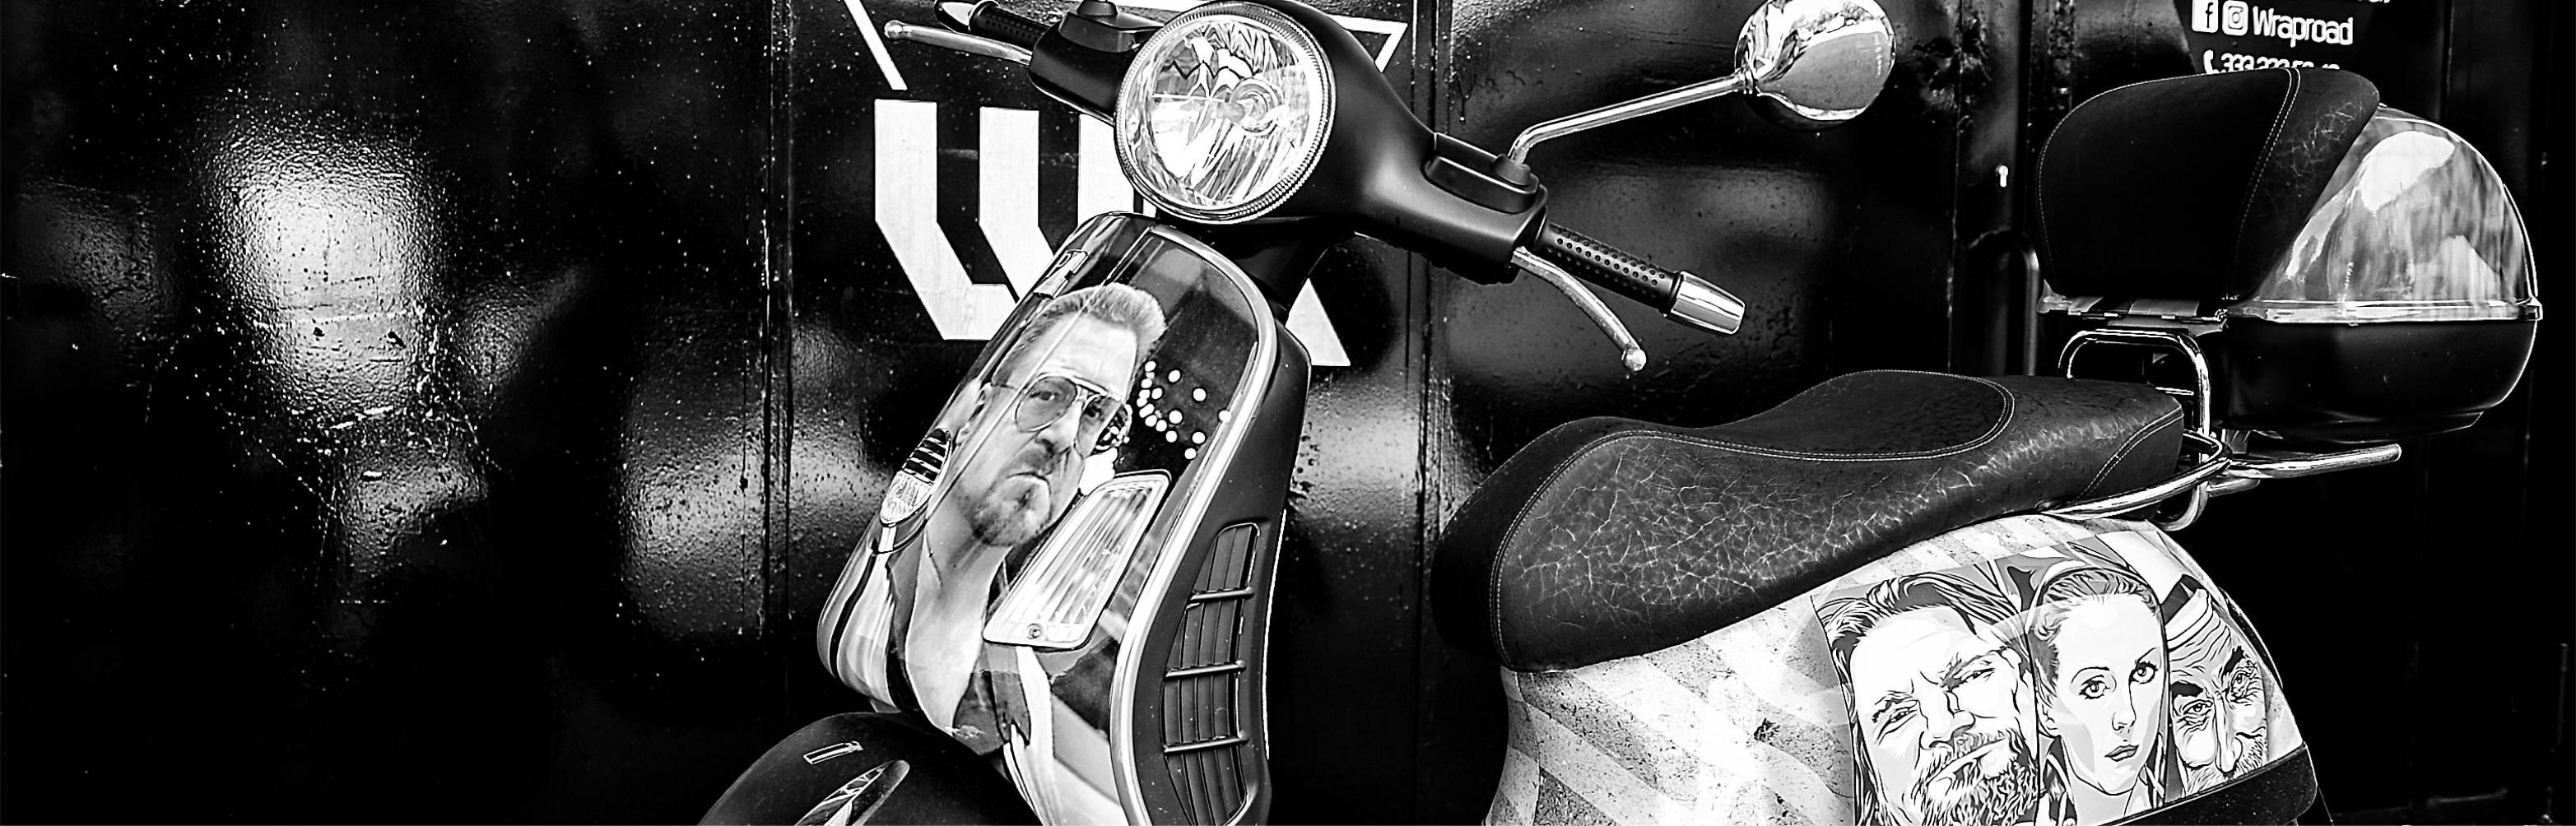 Wraproad Bolzano_wrapping casa auto moto vetrofanie negozio